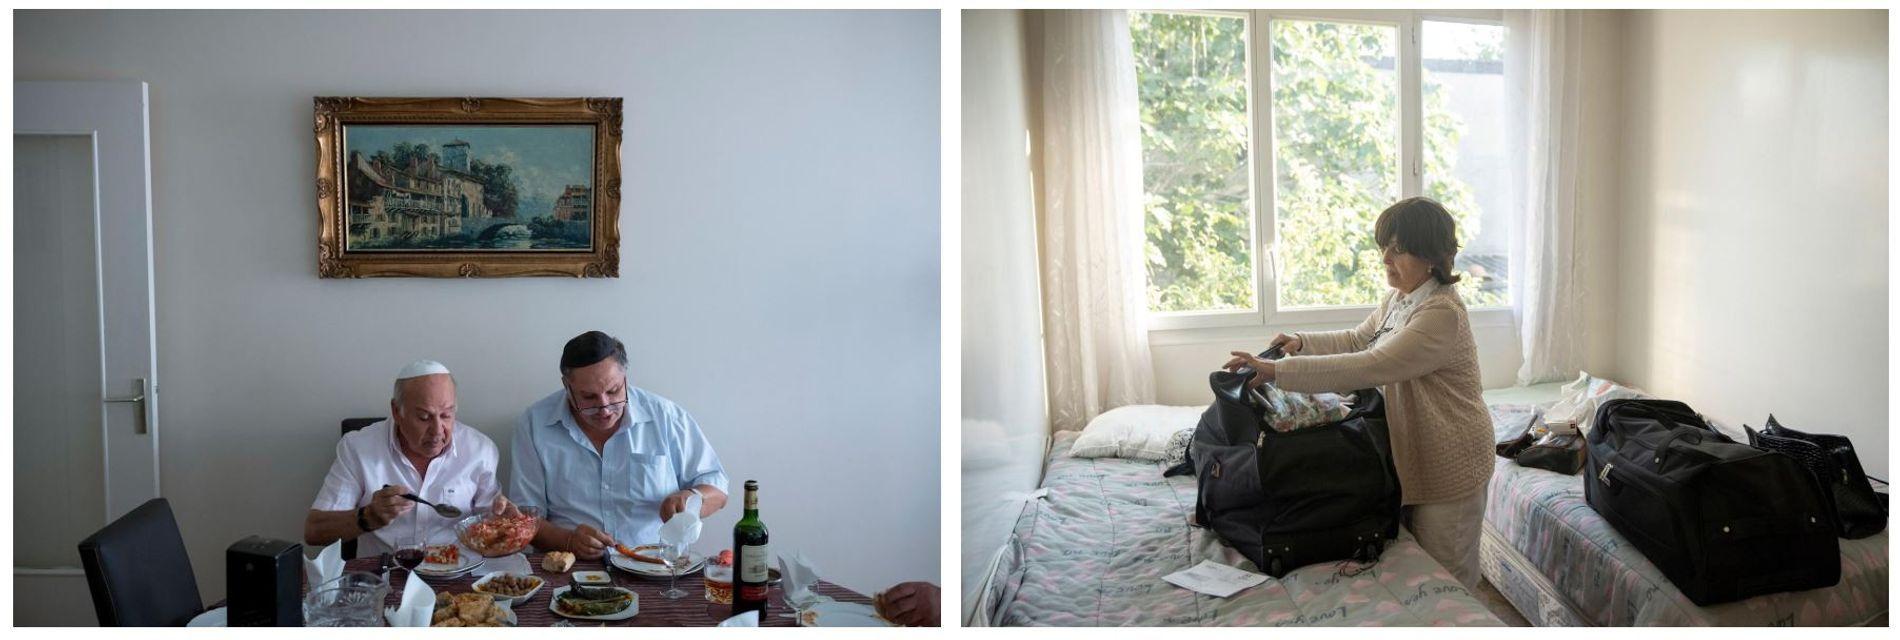 Esquerda: Yohanane Elfersi (à direita) desfruta de um último almoço em família em Paris, no dia ...